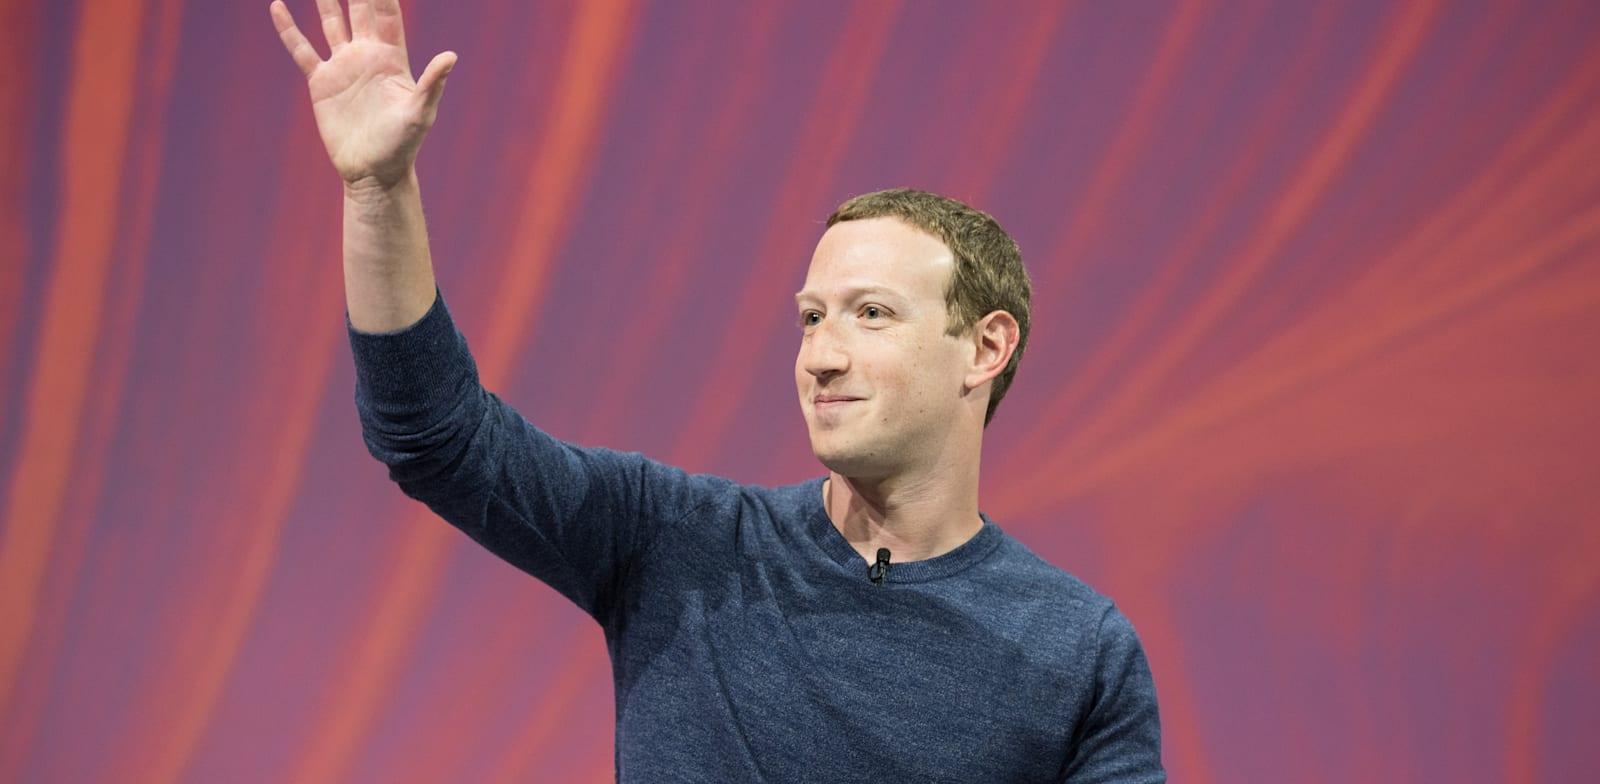 """מארק צוקרברג, מייסד ומנכ""""ל פייסבוק. חזרו להיות חברים / צילום: Shutterstock"""